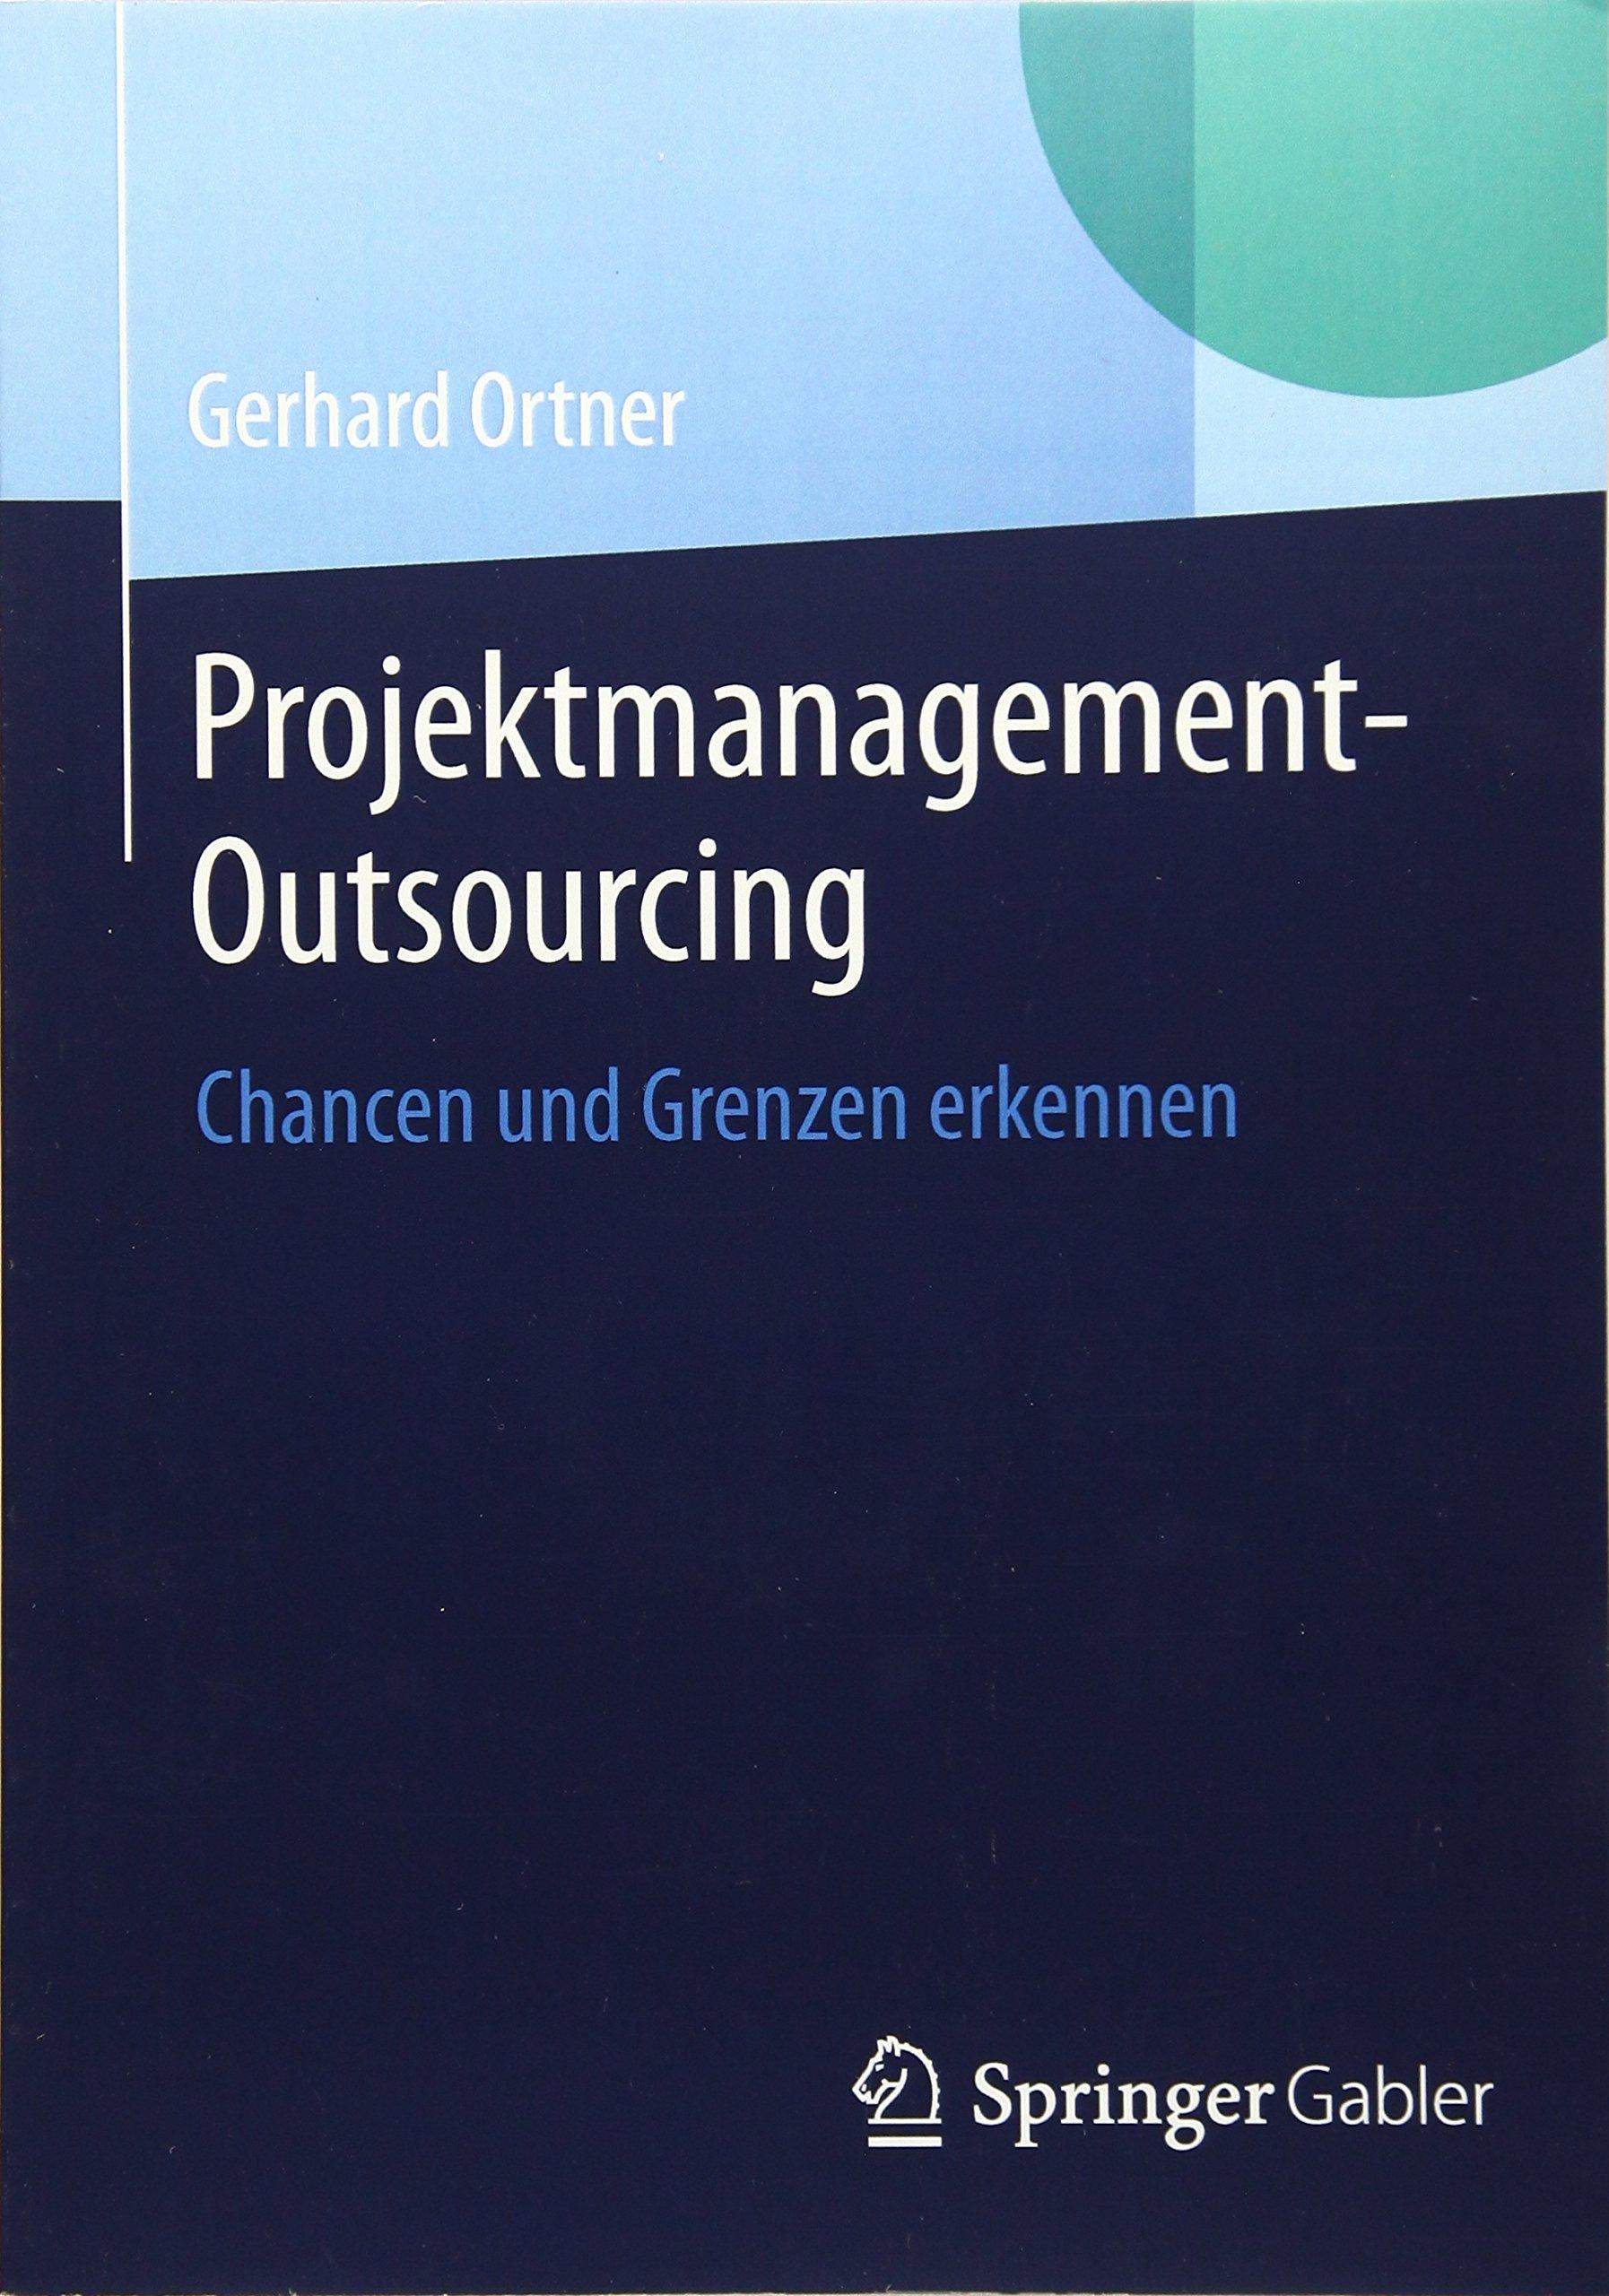 Projektmanagement-Outsourcing: Chancen und Grenzen erkennen